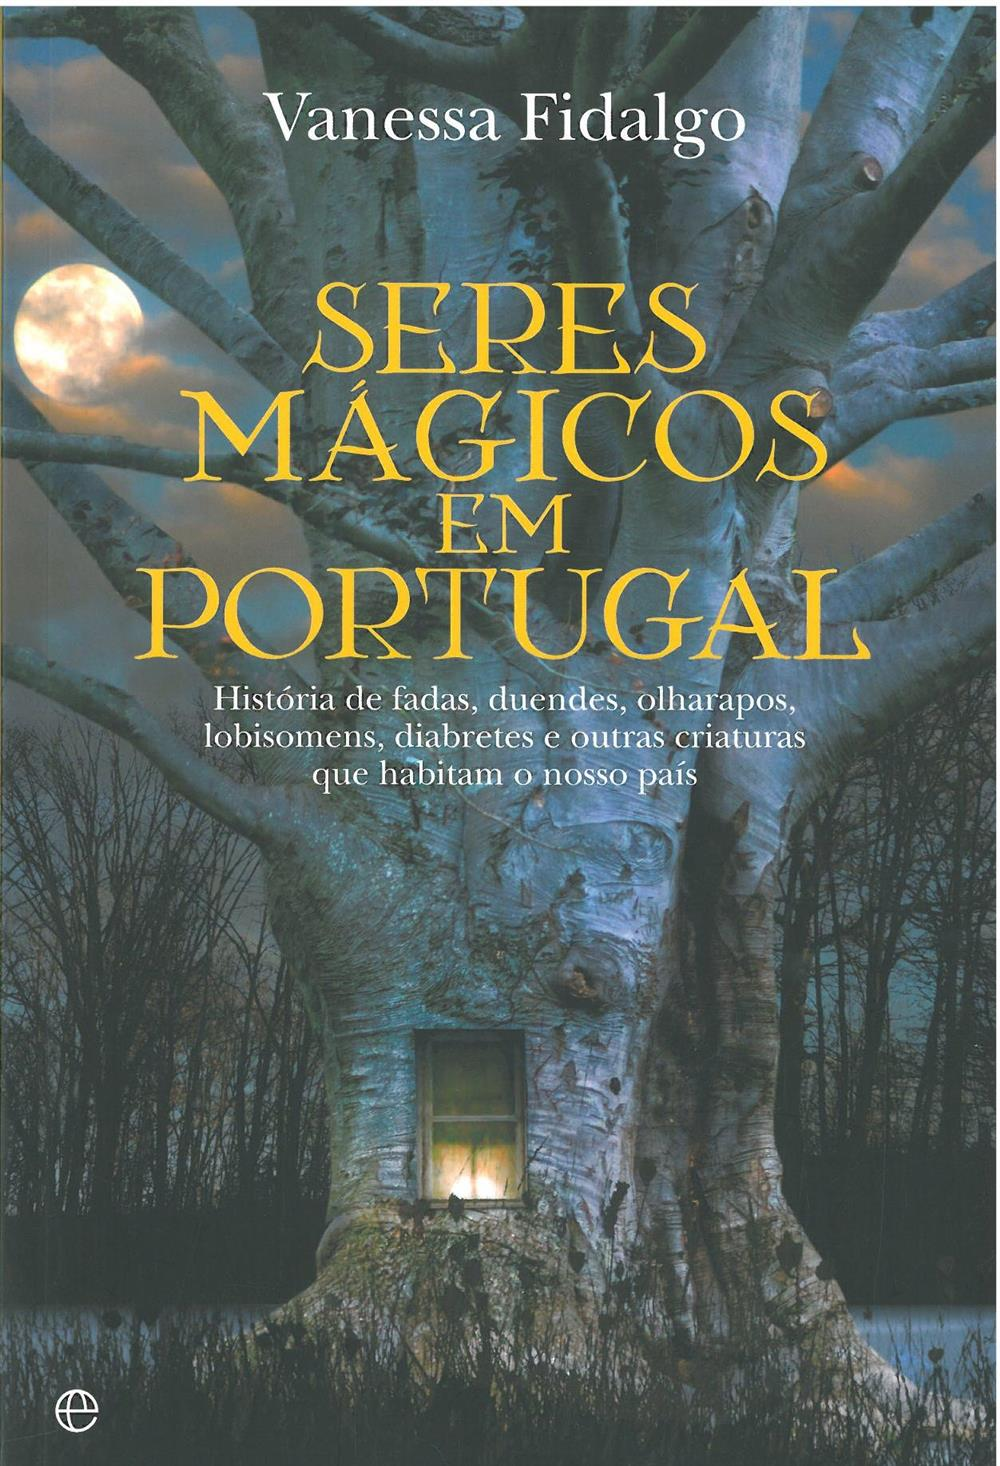 Seres mágicos em Portugal_.jpg